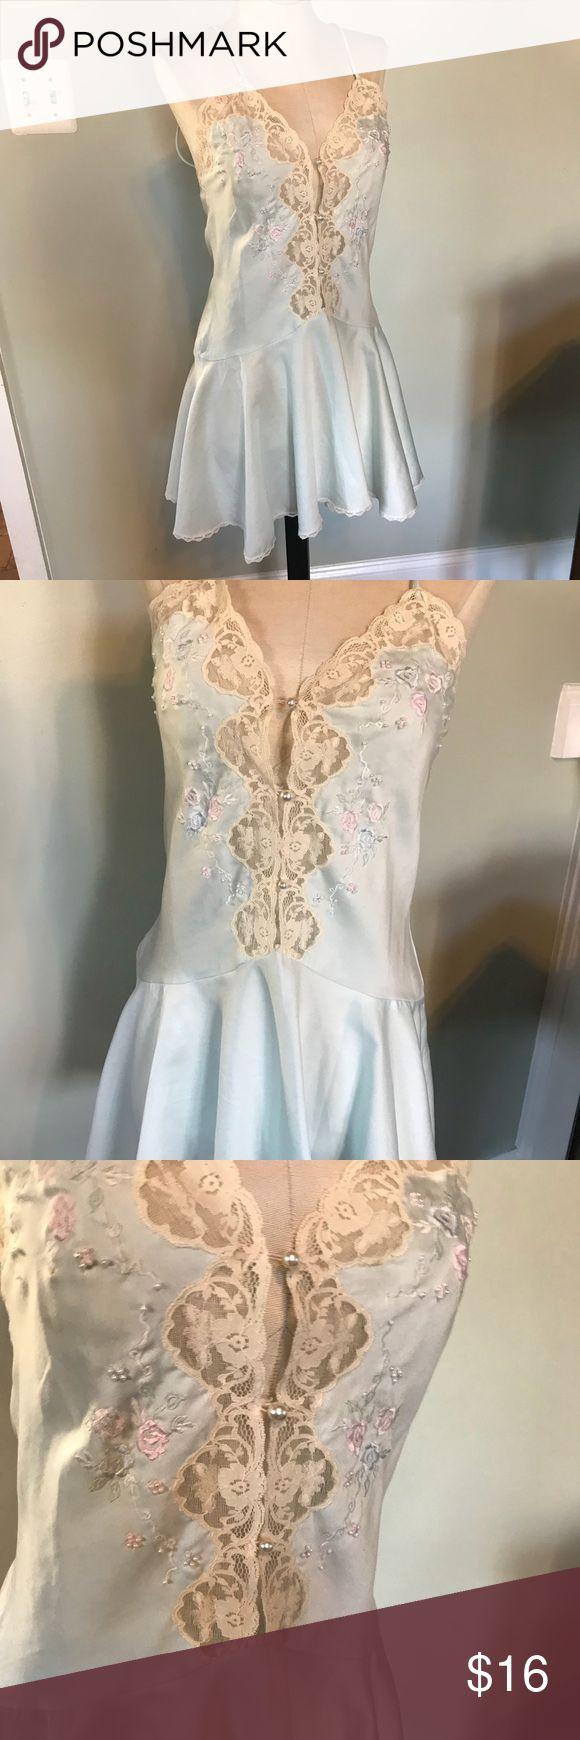 Vintage Sara Beth Nightie Very nice condition  Sz Petite/Small  Lace trim with pearl details sara beth Intimates & Sleepwear